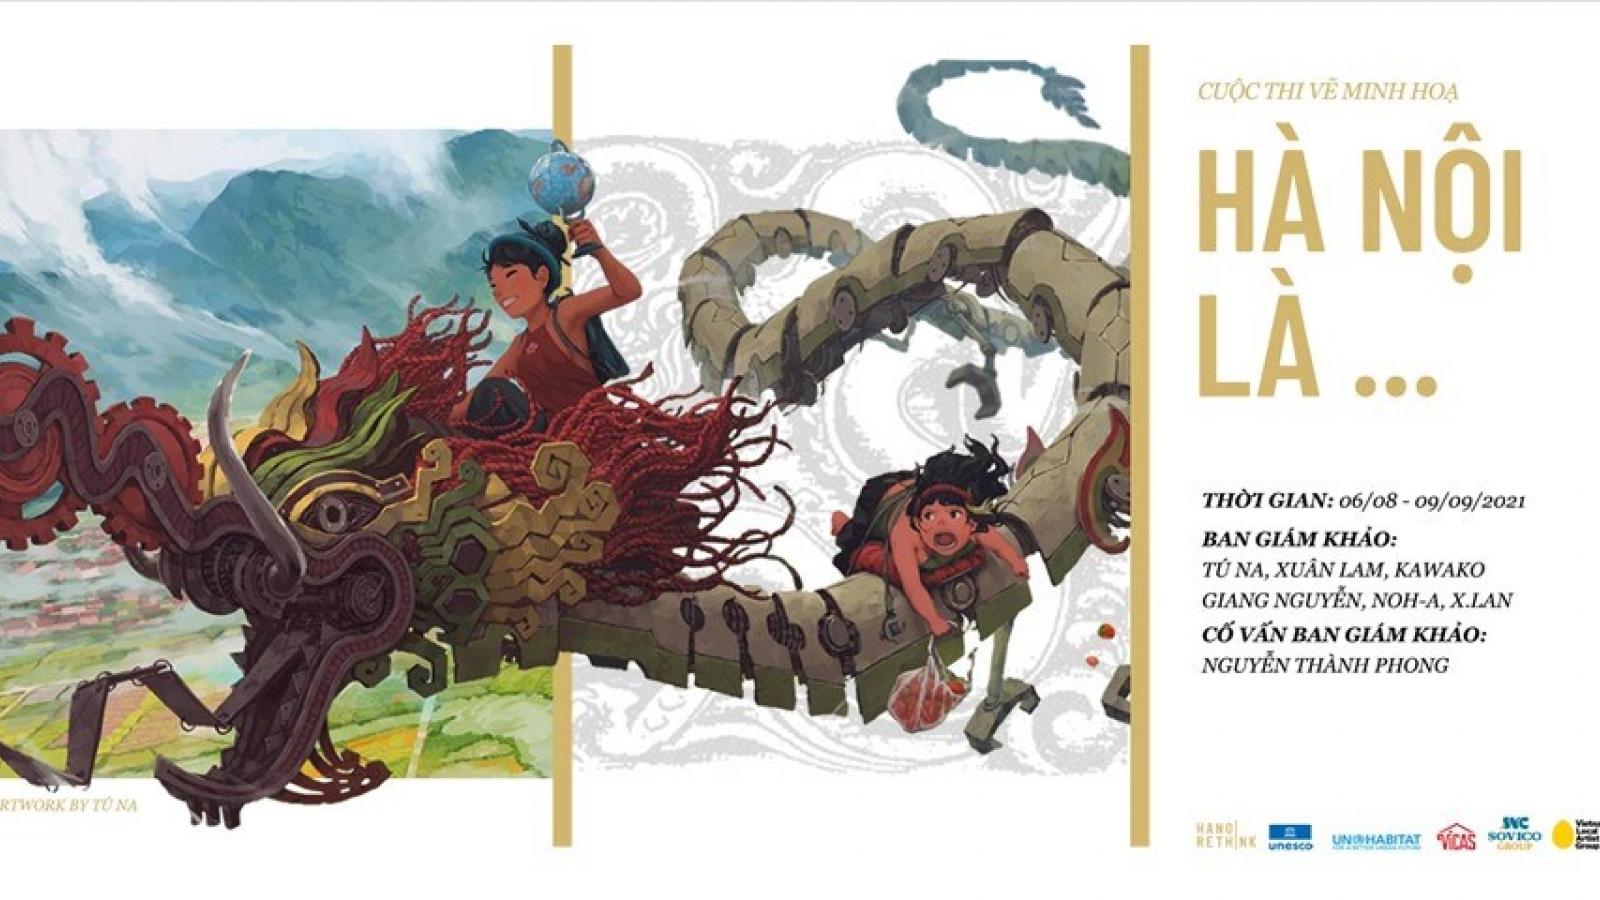 """""""Hà Nội là…"""" – Cuộc thi vẽ khám phá và trưng bày một thành phố sáng tạo"""